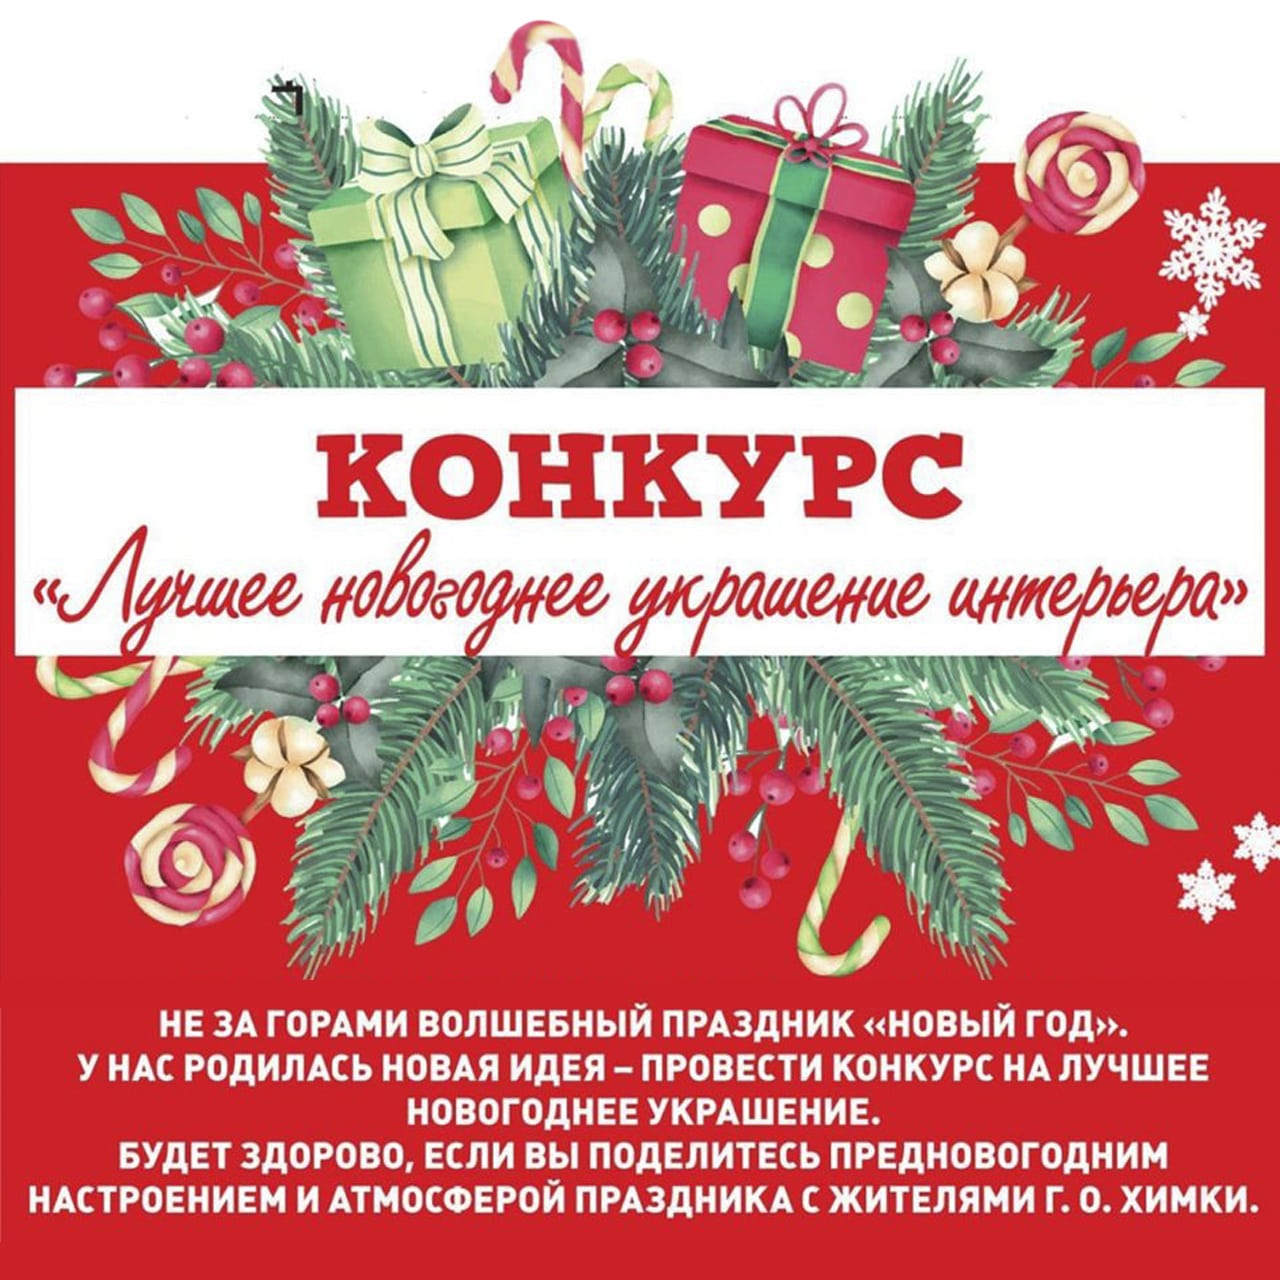 Химкинская картинная галерея представляет нкурс «Лучшее новогоднее украшение интерьера»